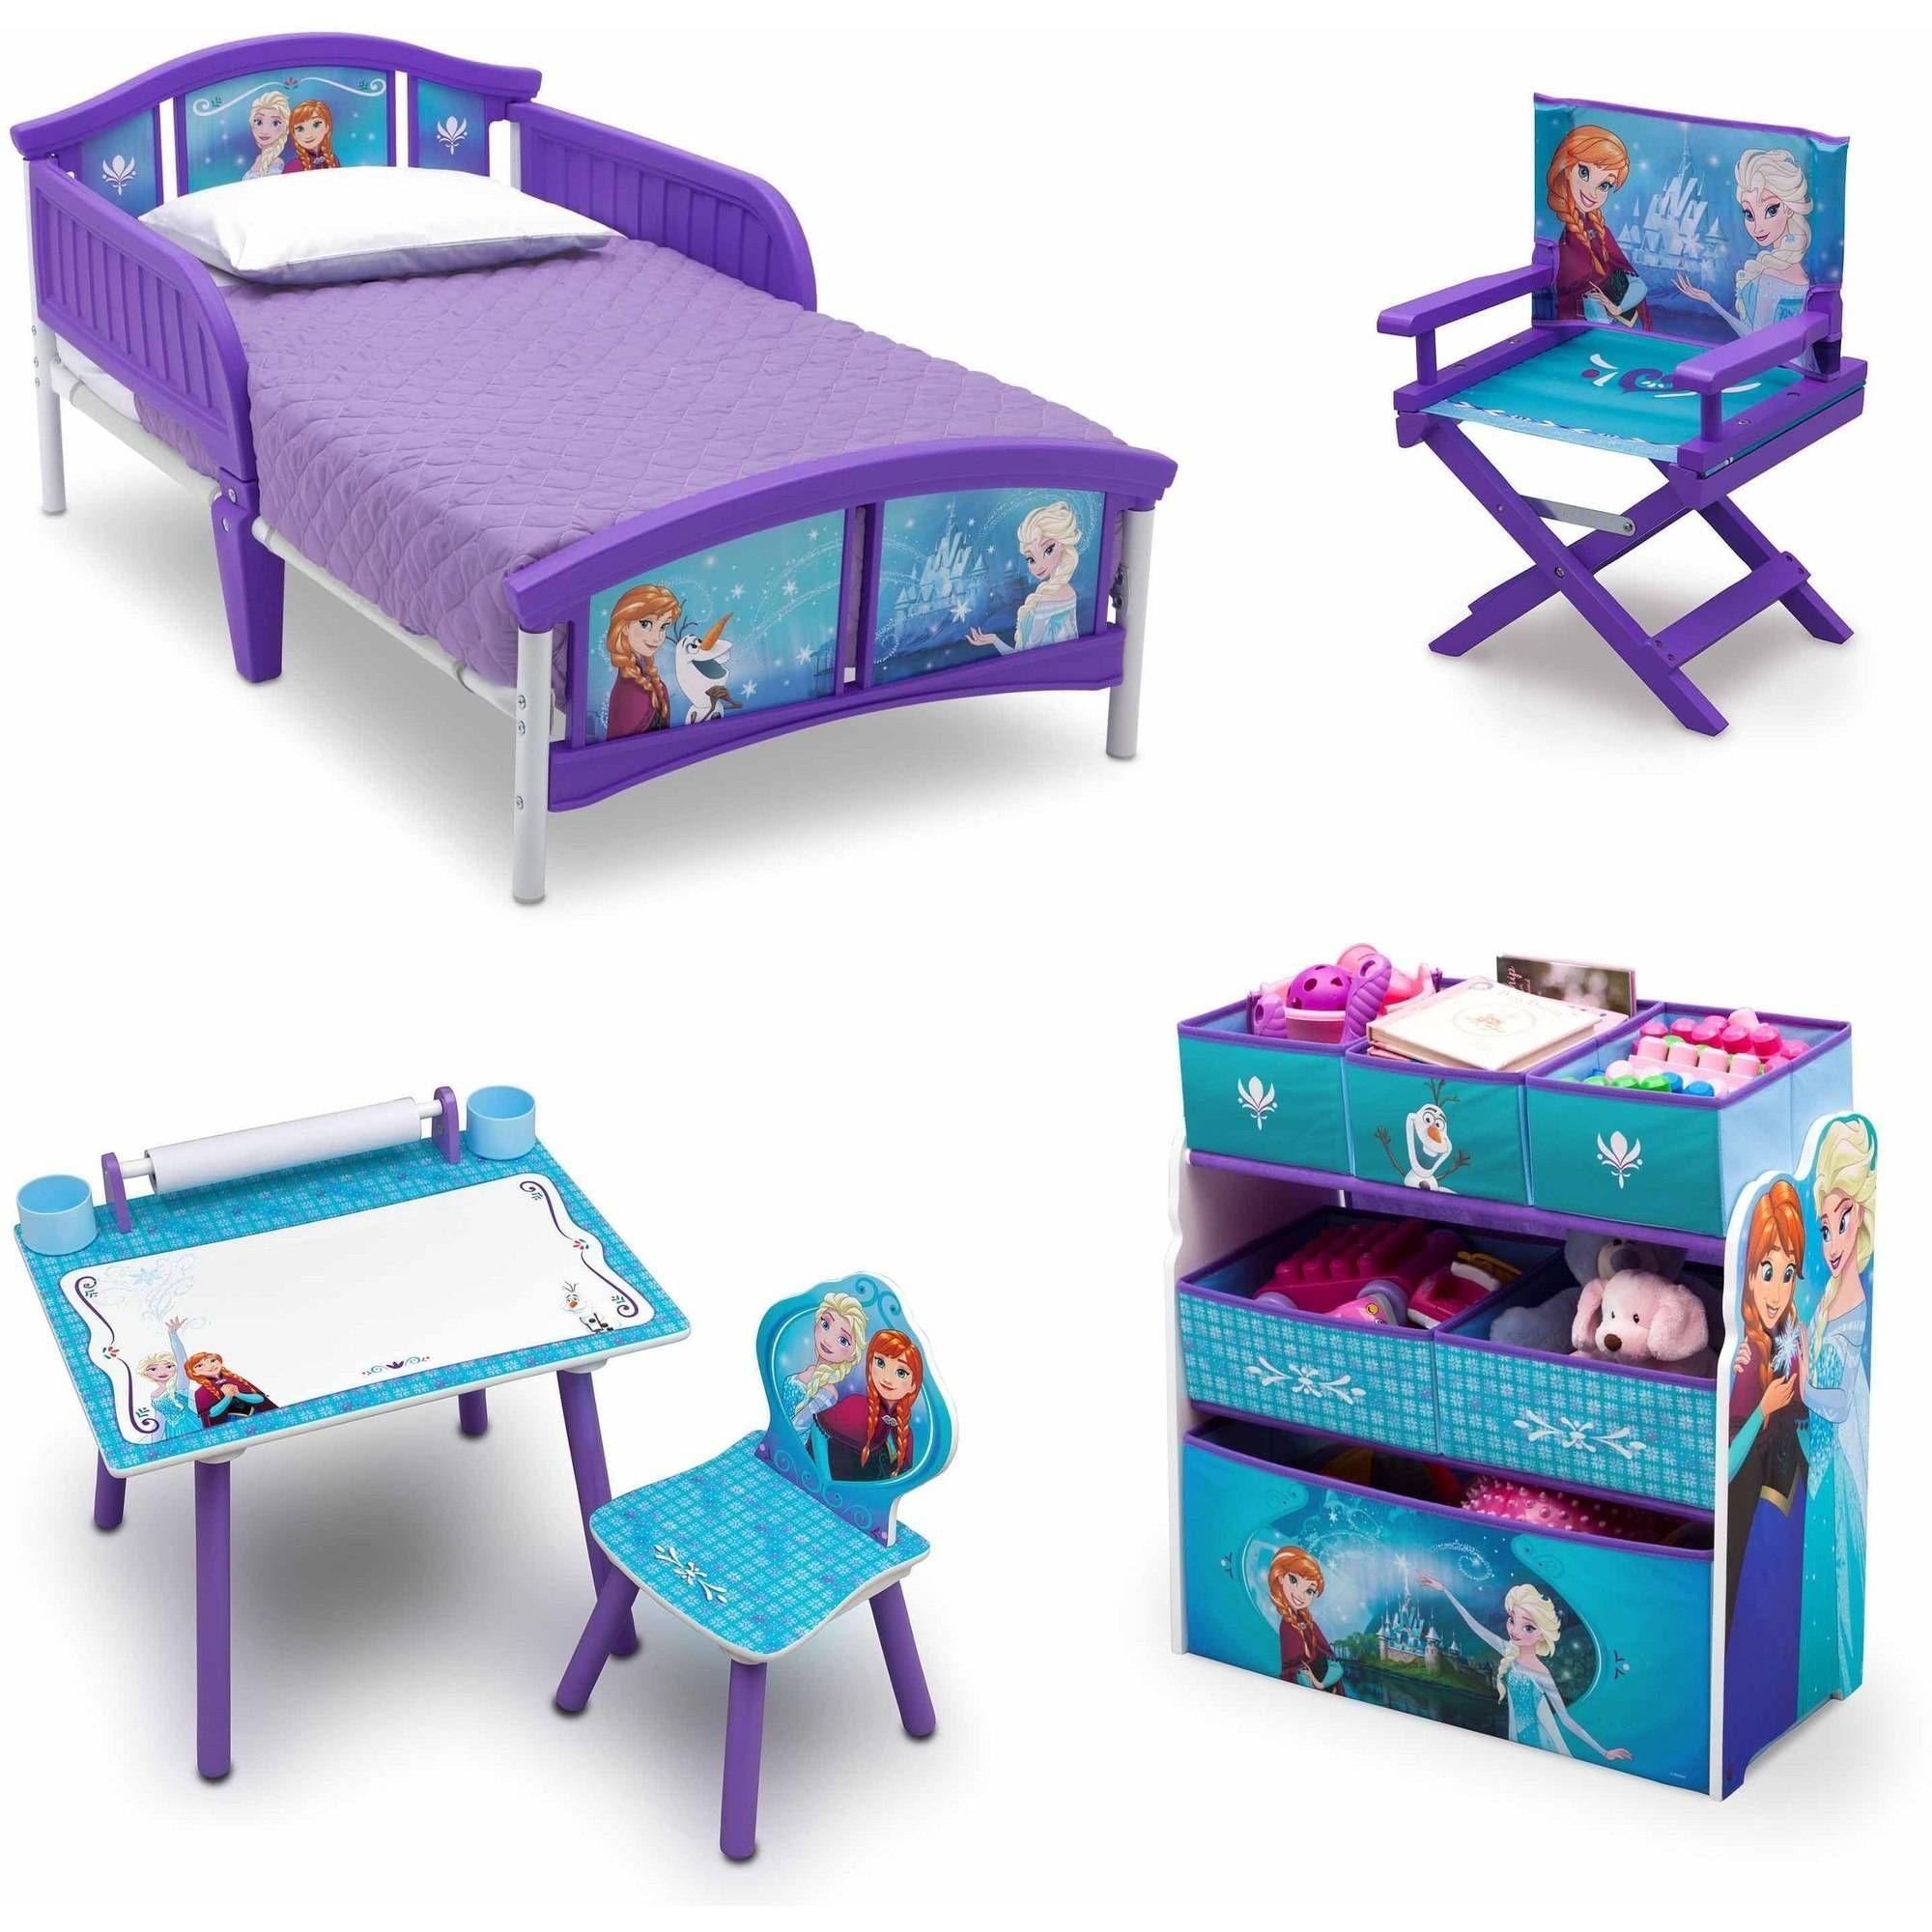 Disney Frozen RoominaBox with Bonus Chair 75! Frozen